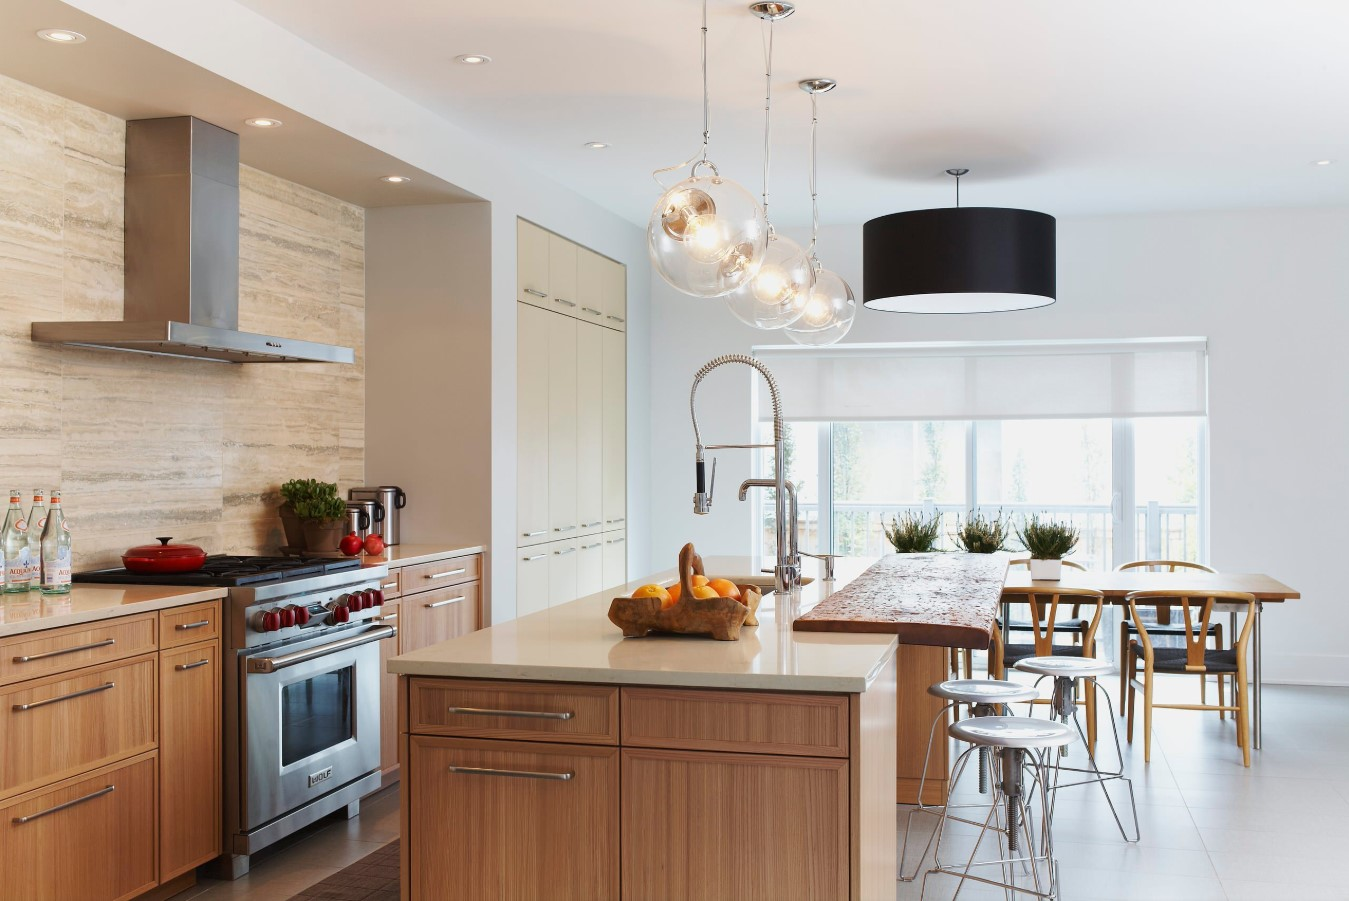 Кухонный гарнитур – лучшие идеи для маленькой современной кухни (75 фото)